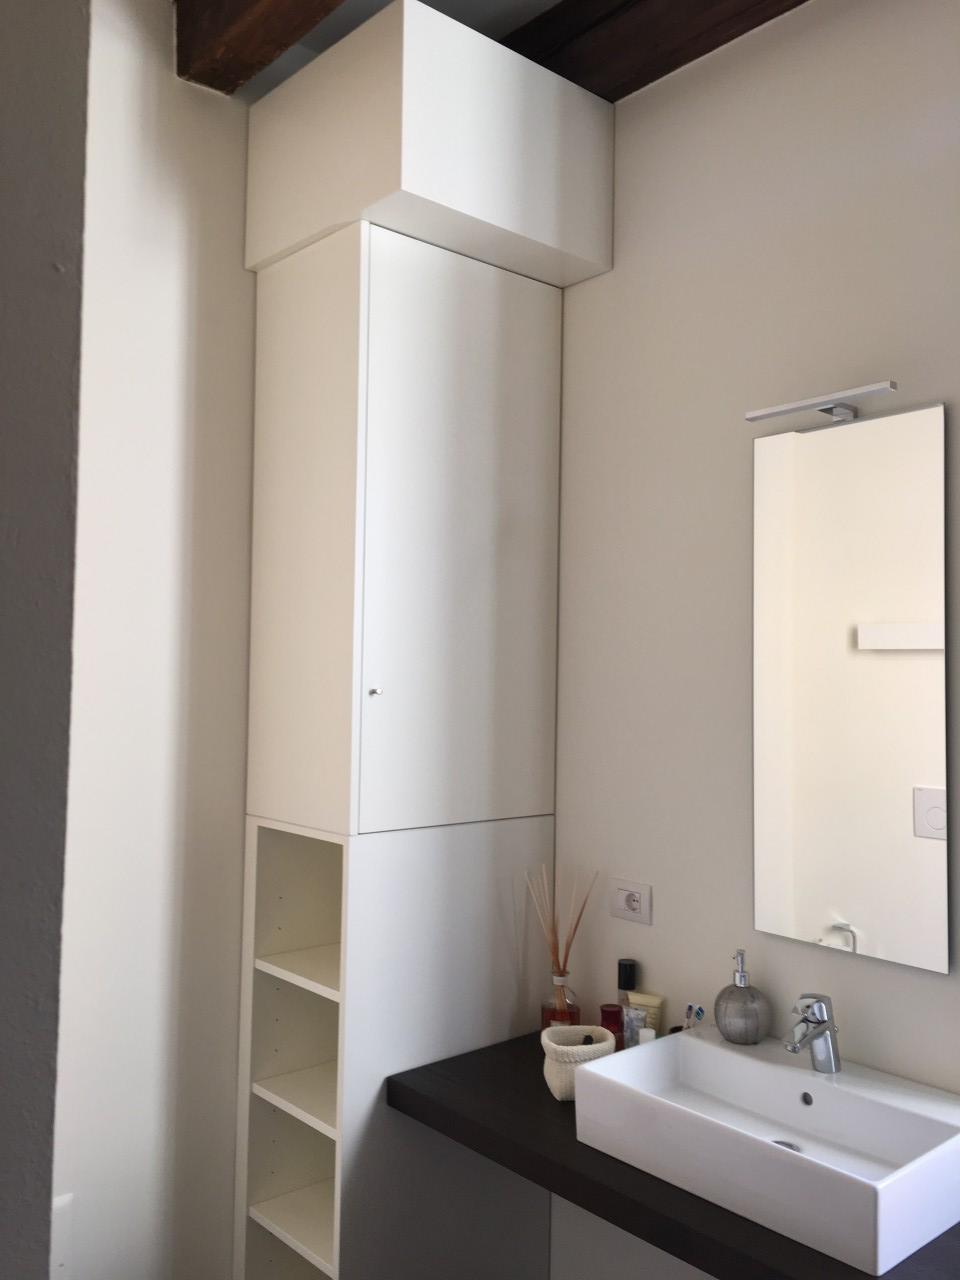 Mobile bagno colonna e mensola rif marco valente armadi bovolone verona - Armadi per bagno ...